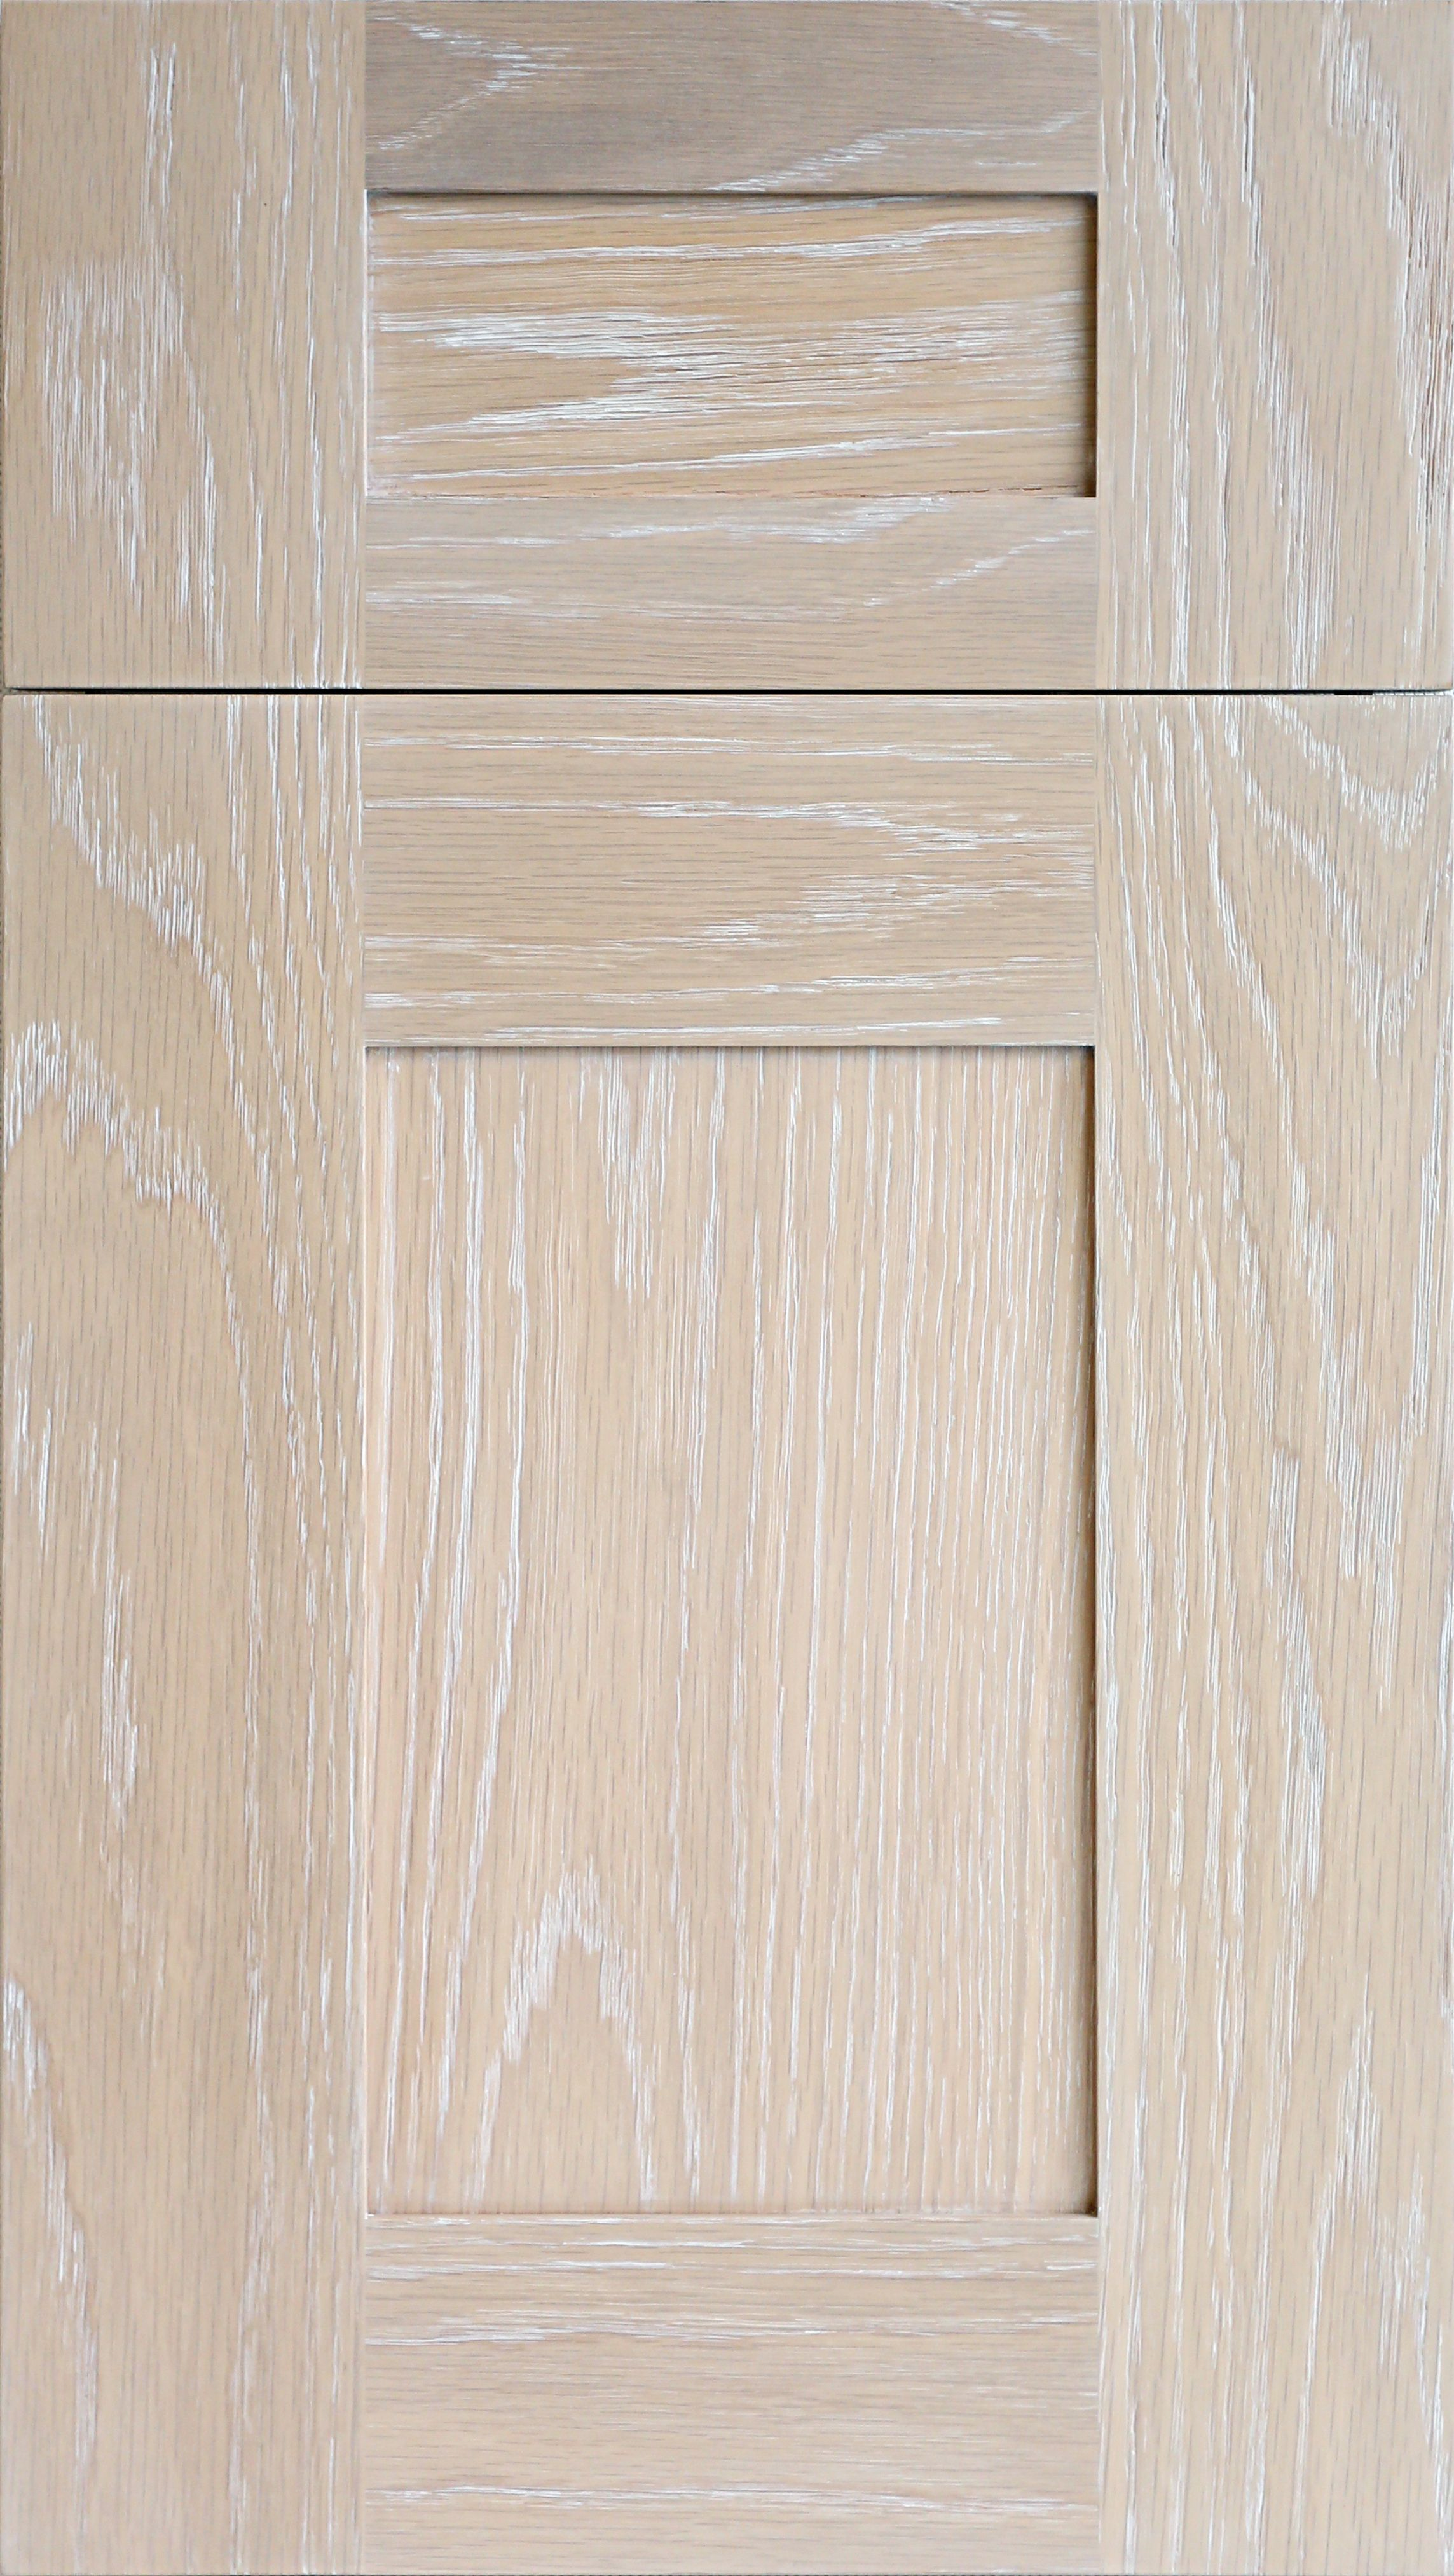 Meridian WR door in plainsawn white oak in driftwood stain